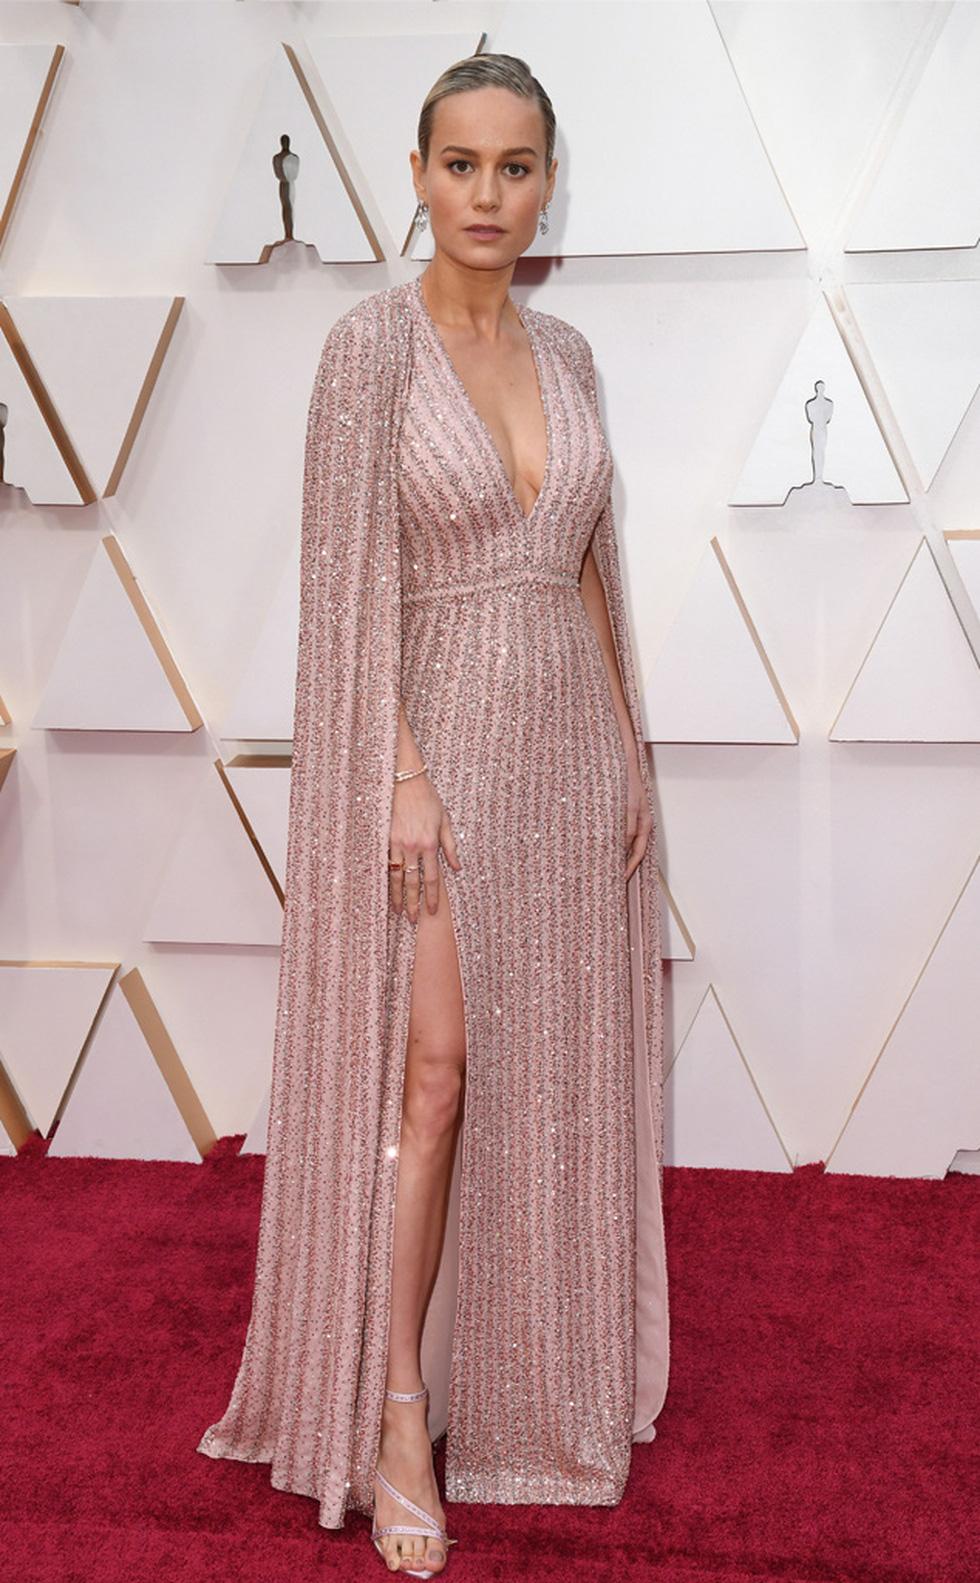 Lộng lẫy dàn sao danh giá nhất thế giới đổ về thảm đỏ Oscar 2020 - Ảnh 2.